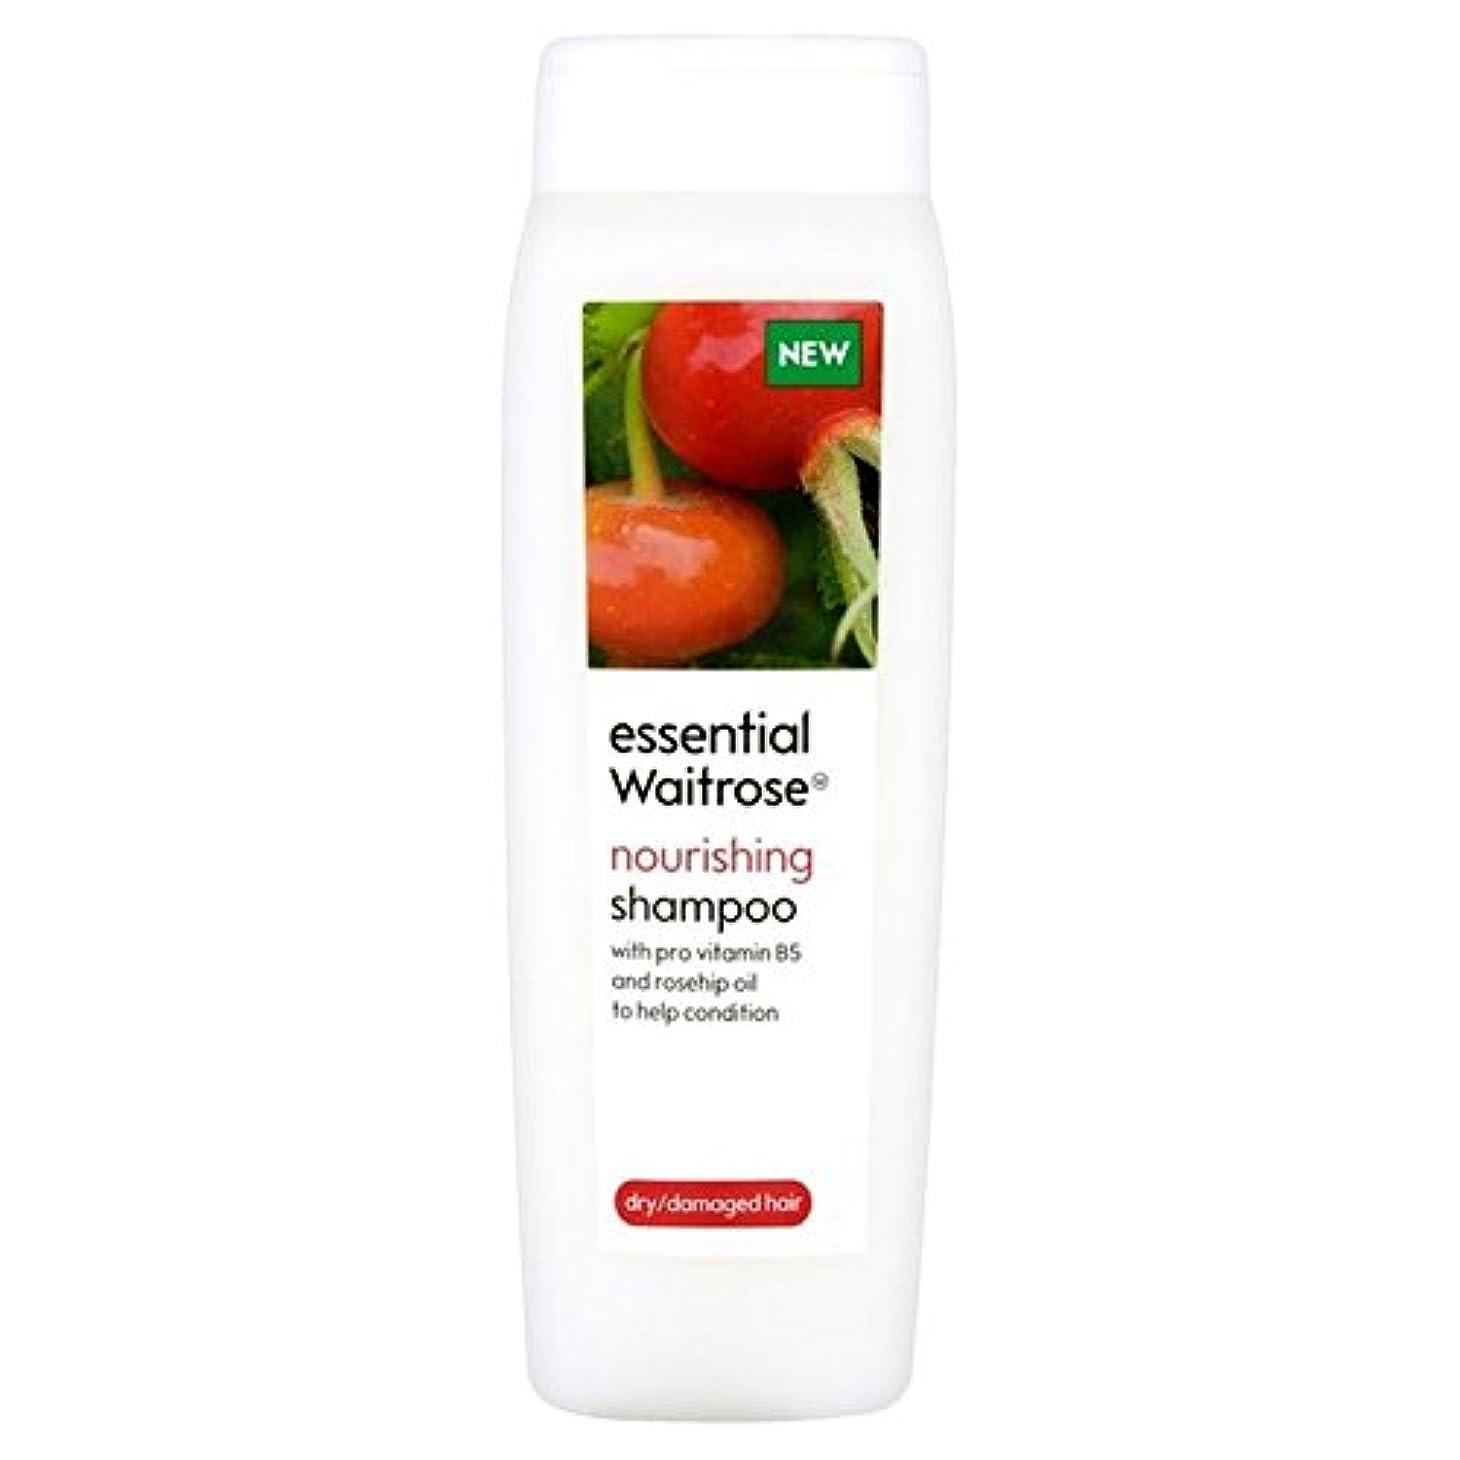 ジャズ抑圧者マリンドライ&ダメージヘア不可欠ウェイトローズの300ミリリットルのためのシャンプー x2 - Shampoo for Dry & Damaged Hair essential Waitrose 300ml (Pack of 2) [並行輸入品]